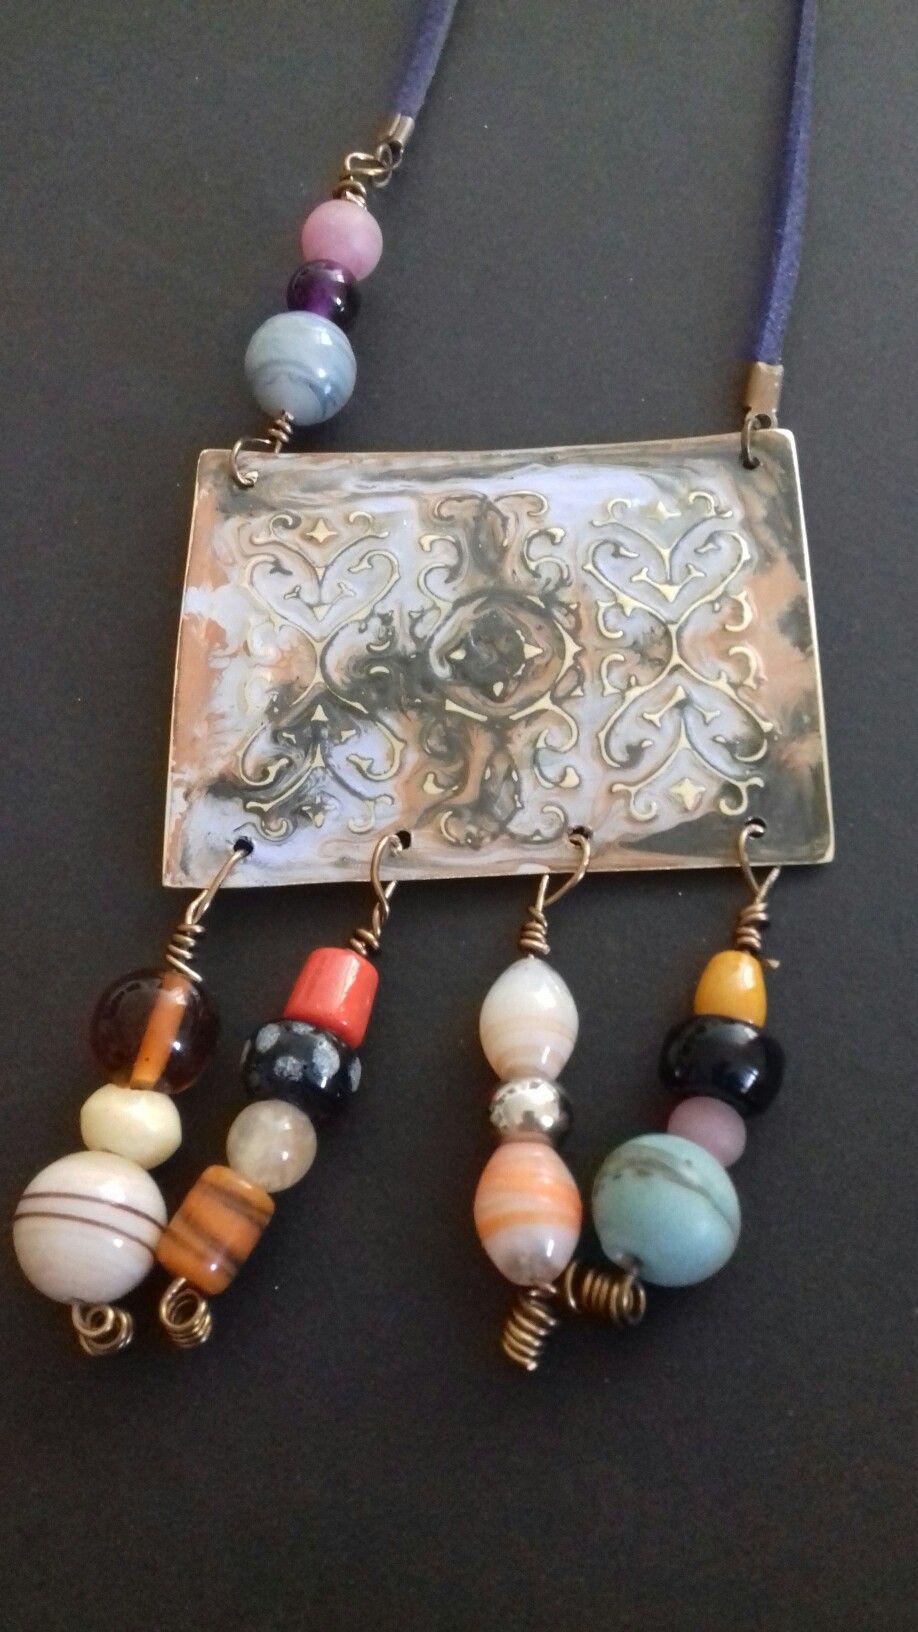 collana in ottone inciso e patinato con pietre dure di vari tipi e cordone in pelle scamosciata blu